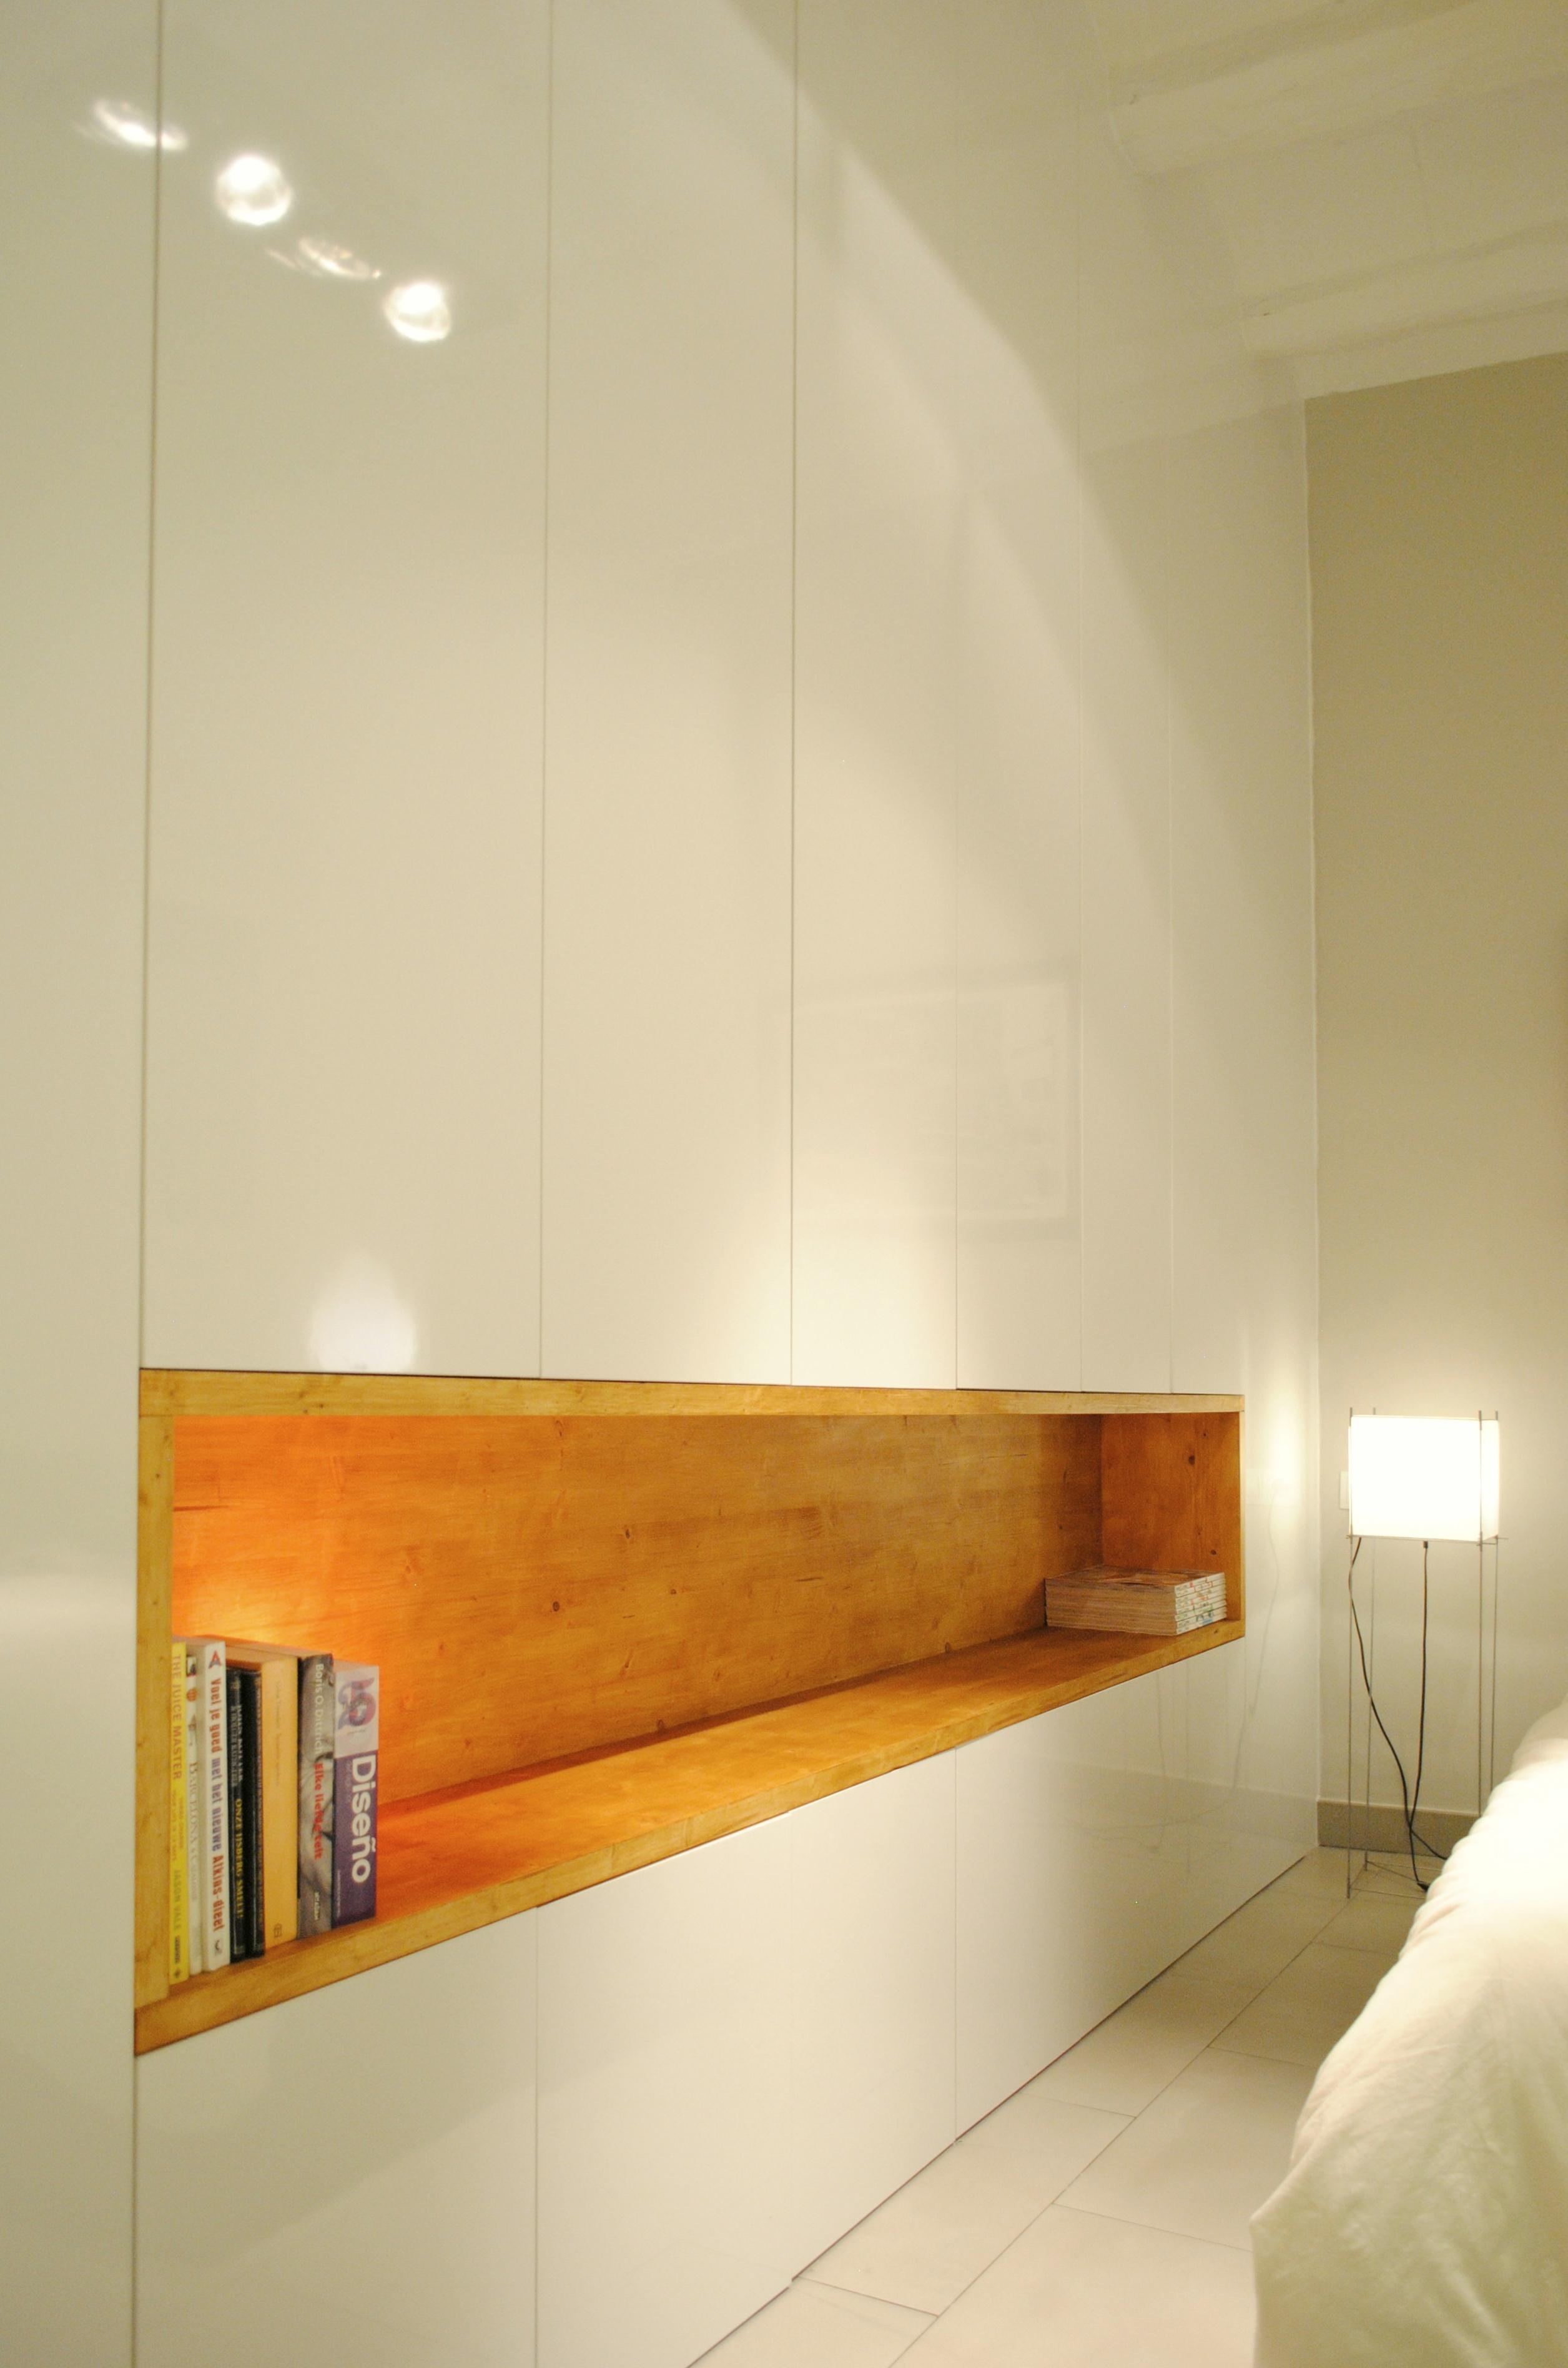 design slaapkamerkast � artsmediainfo